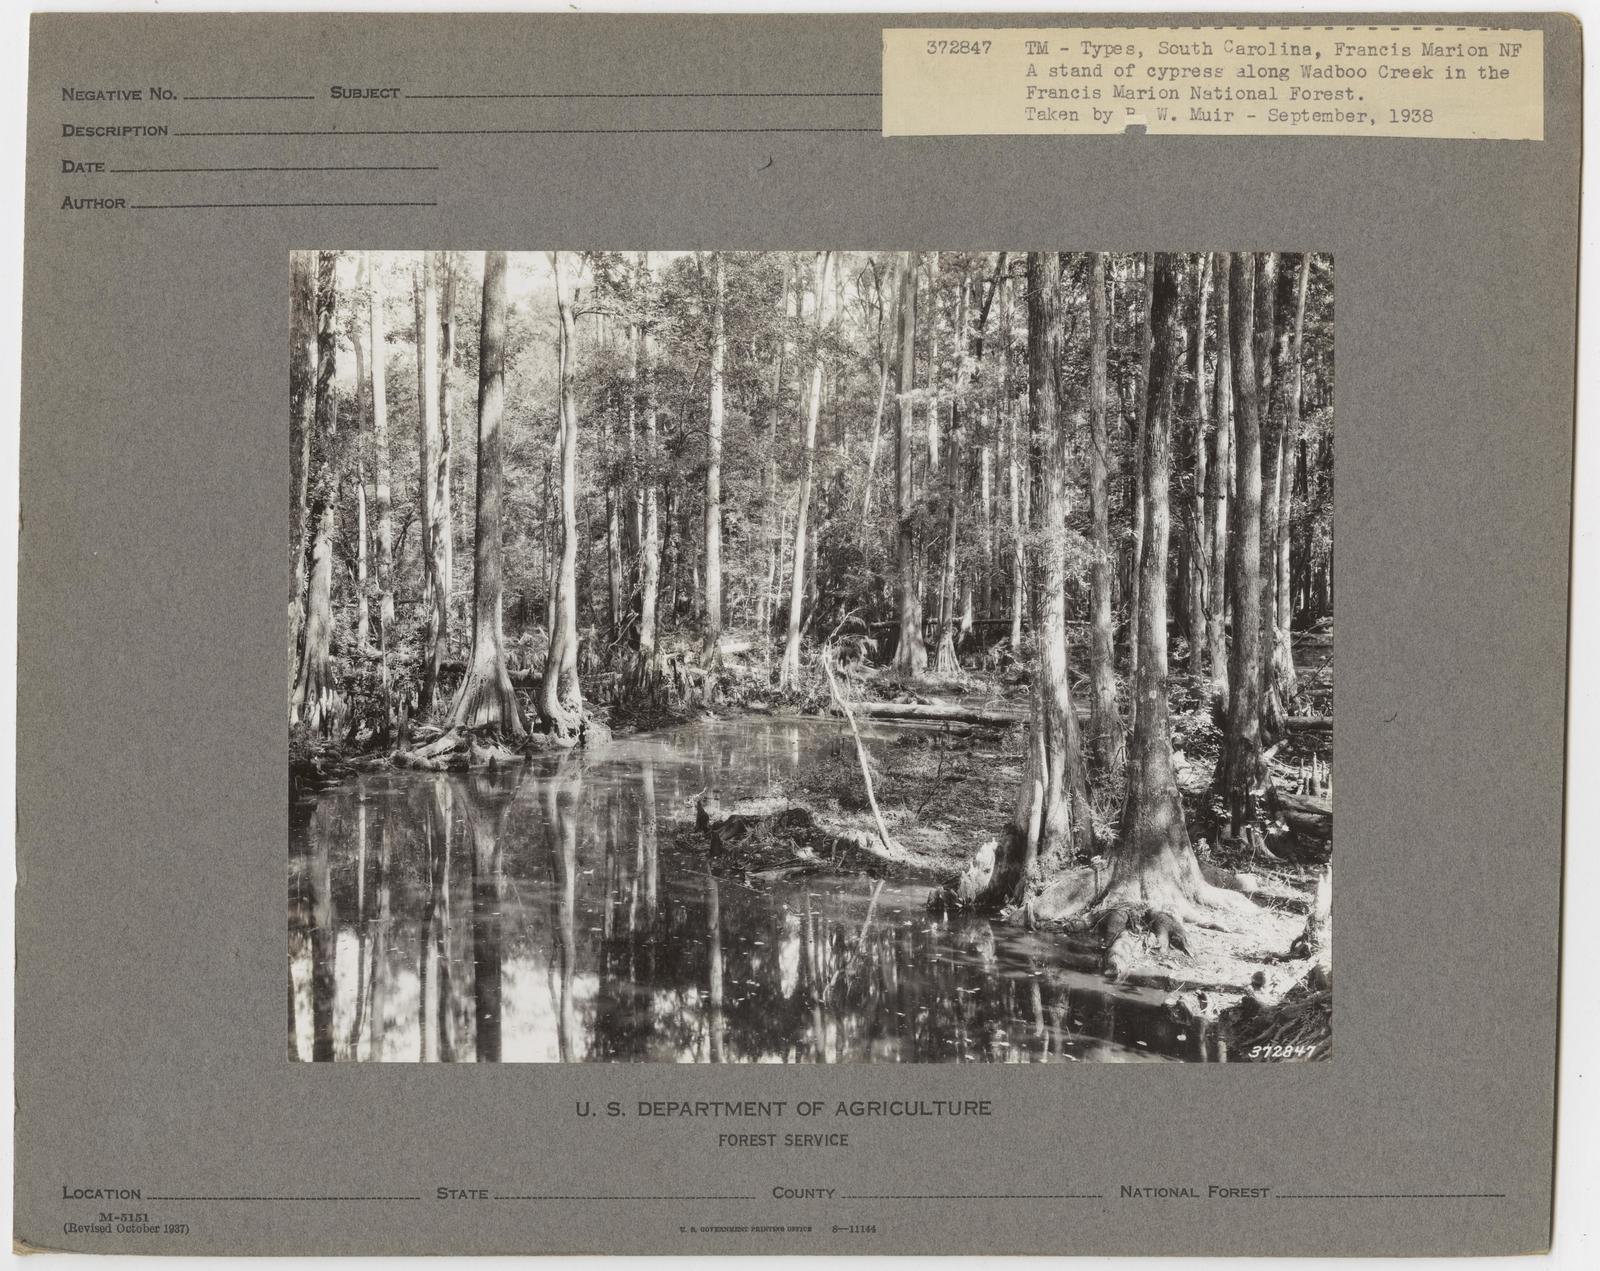 Timber Management: Types - South Carolina